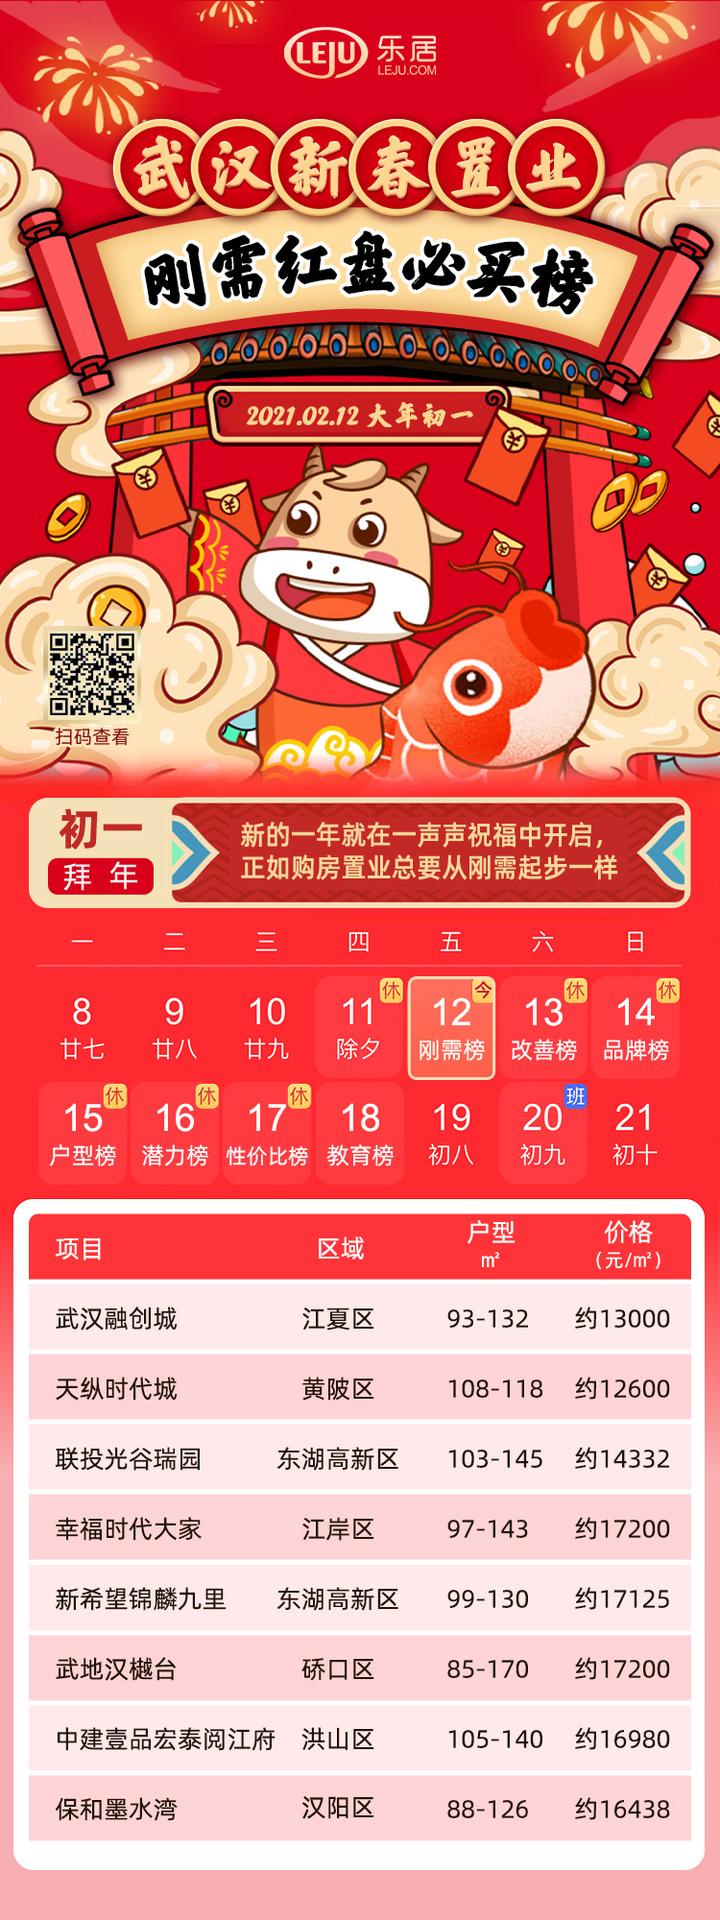 武汉新春刚需必买榜:怀揣40-50万首付该如何守住主城?